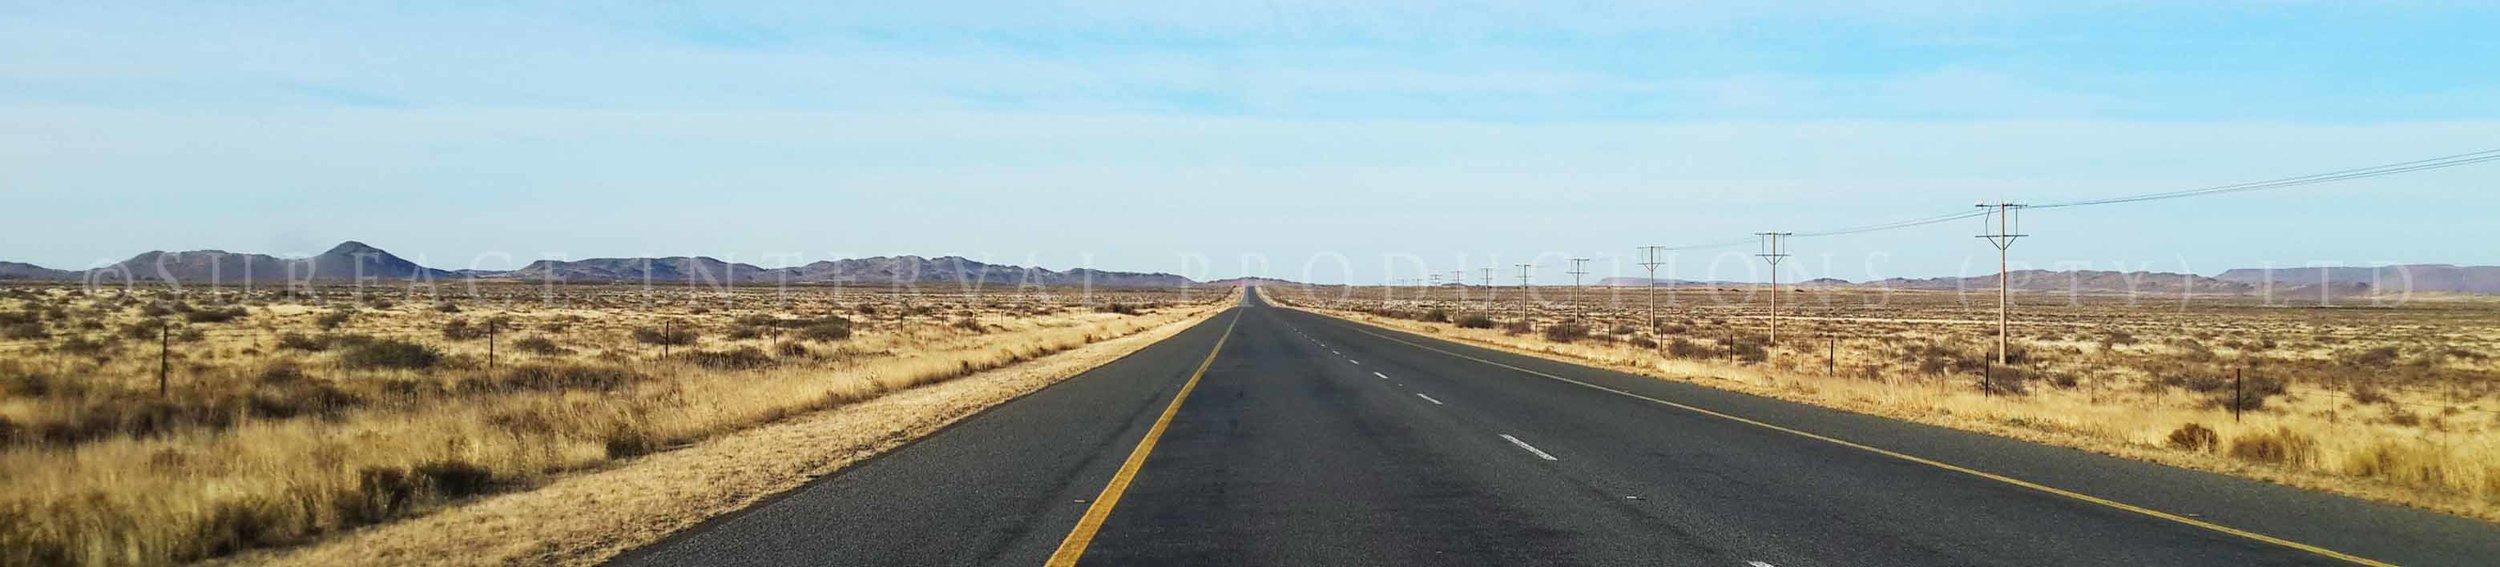 Road 22.jpg